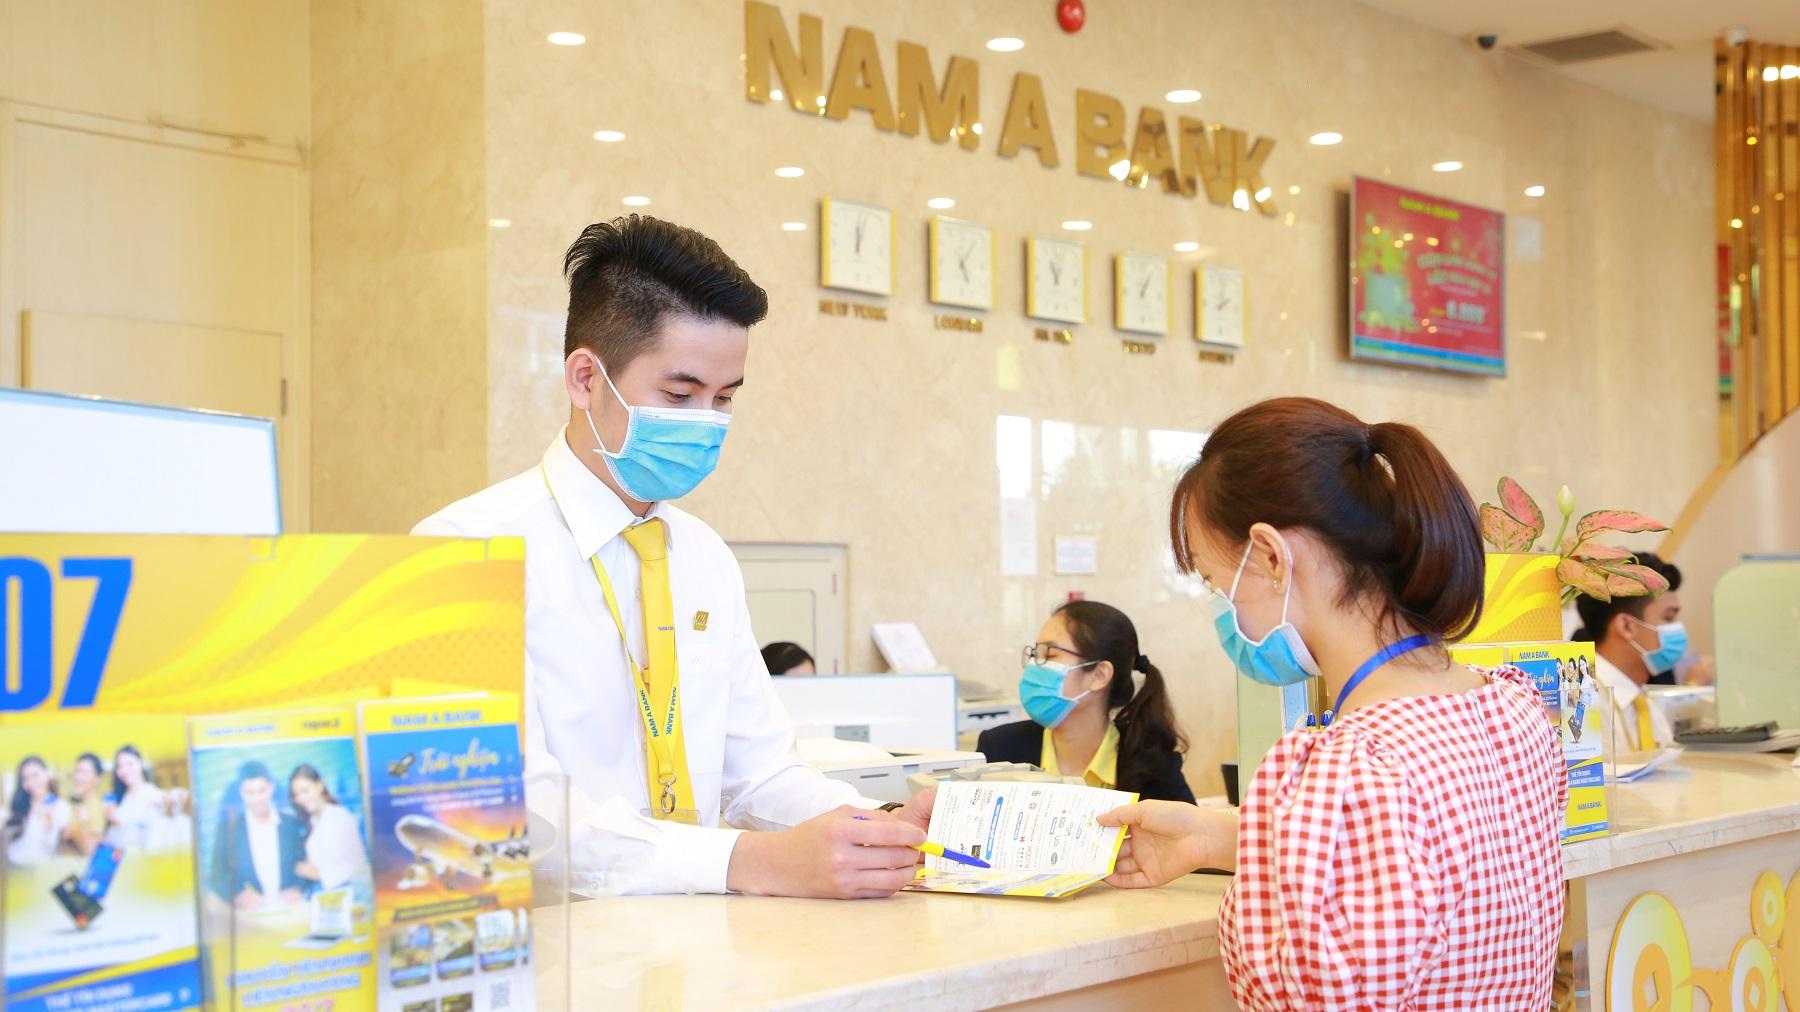 Cập nhật lãi suất ngân hàng Nam A Bank mới nhất tháng 8/2021 - Ảnh 1.